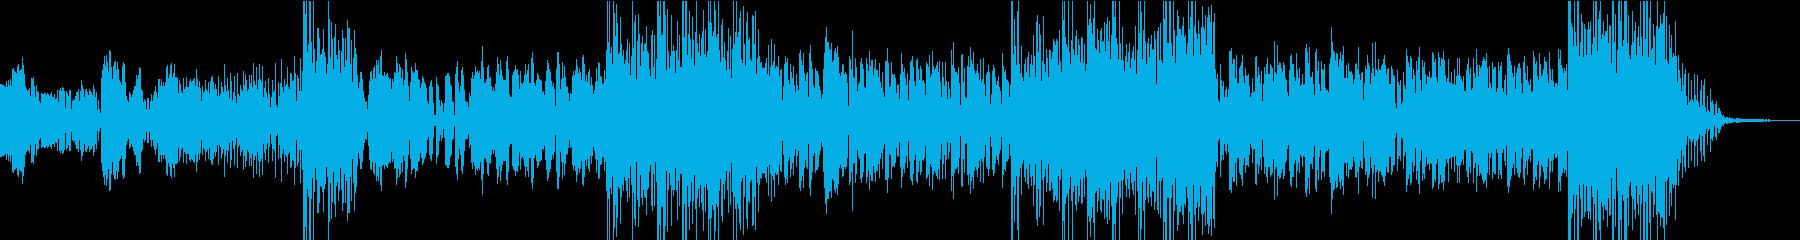 サックス中心のビートの効いたアンサンブルの再生済みの波形